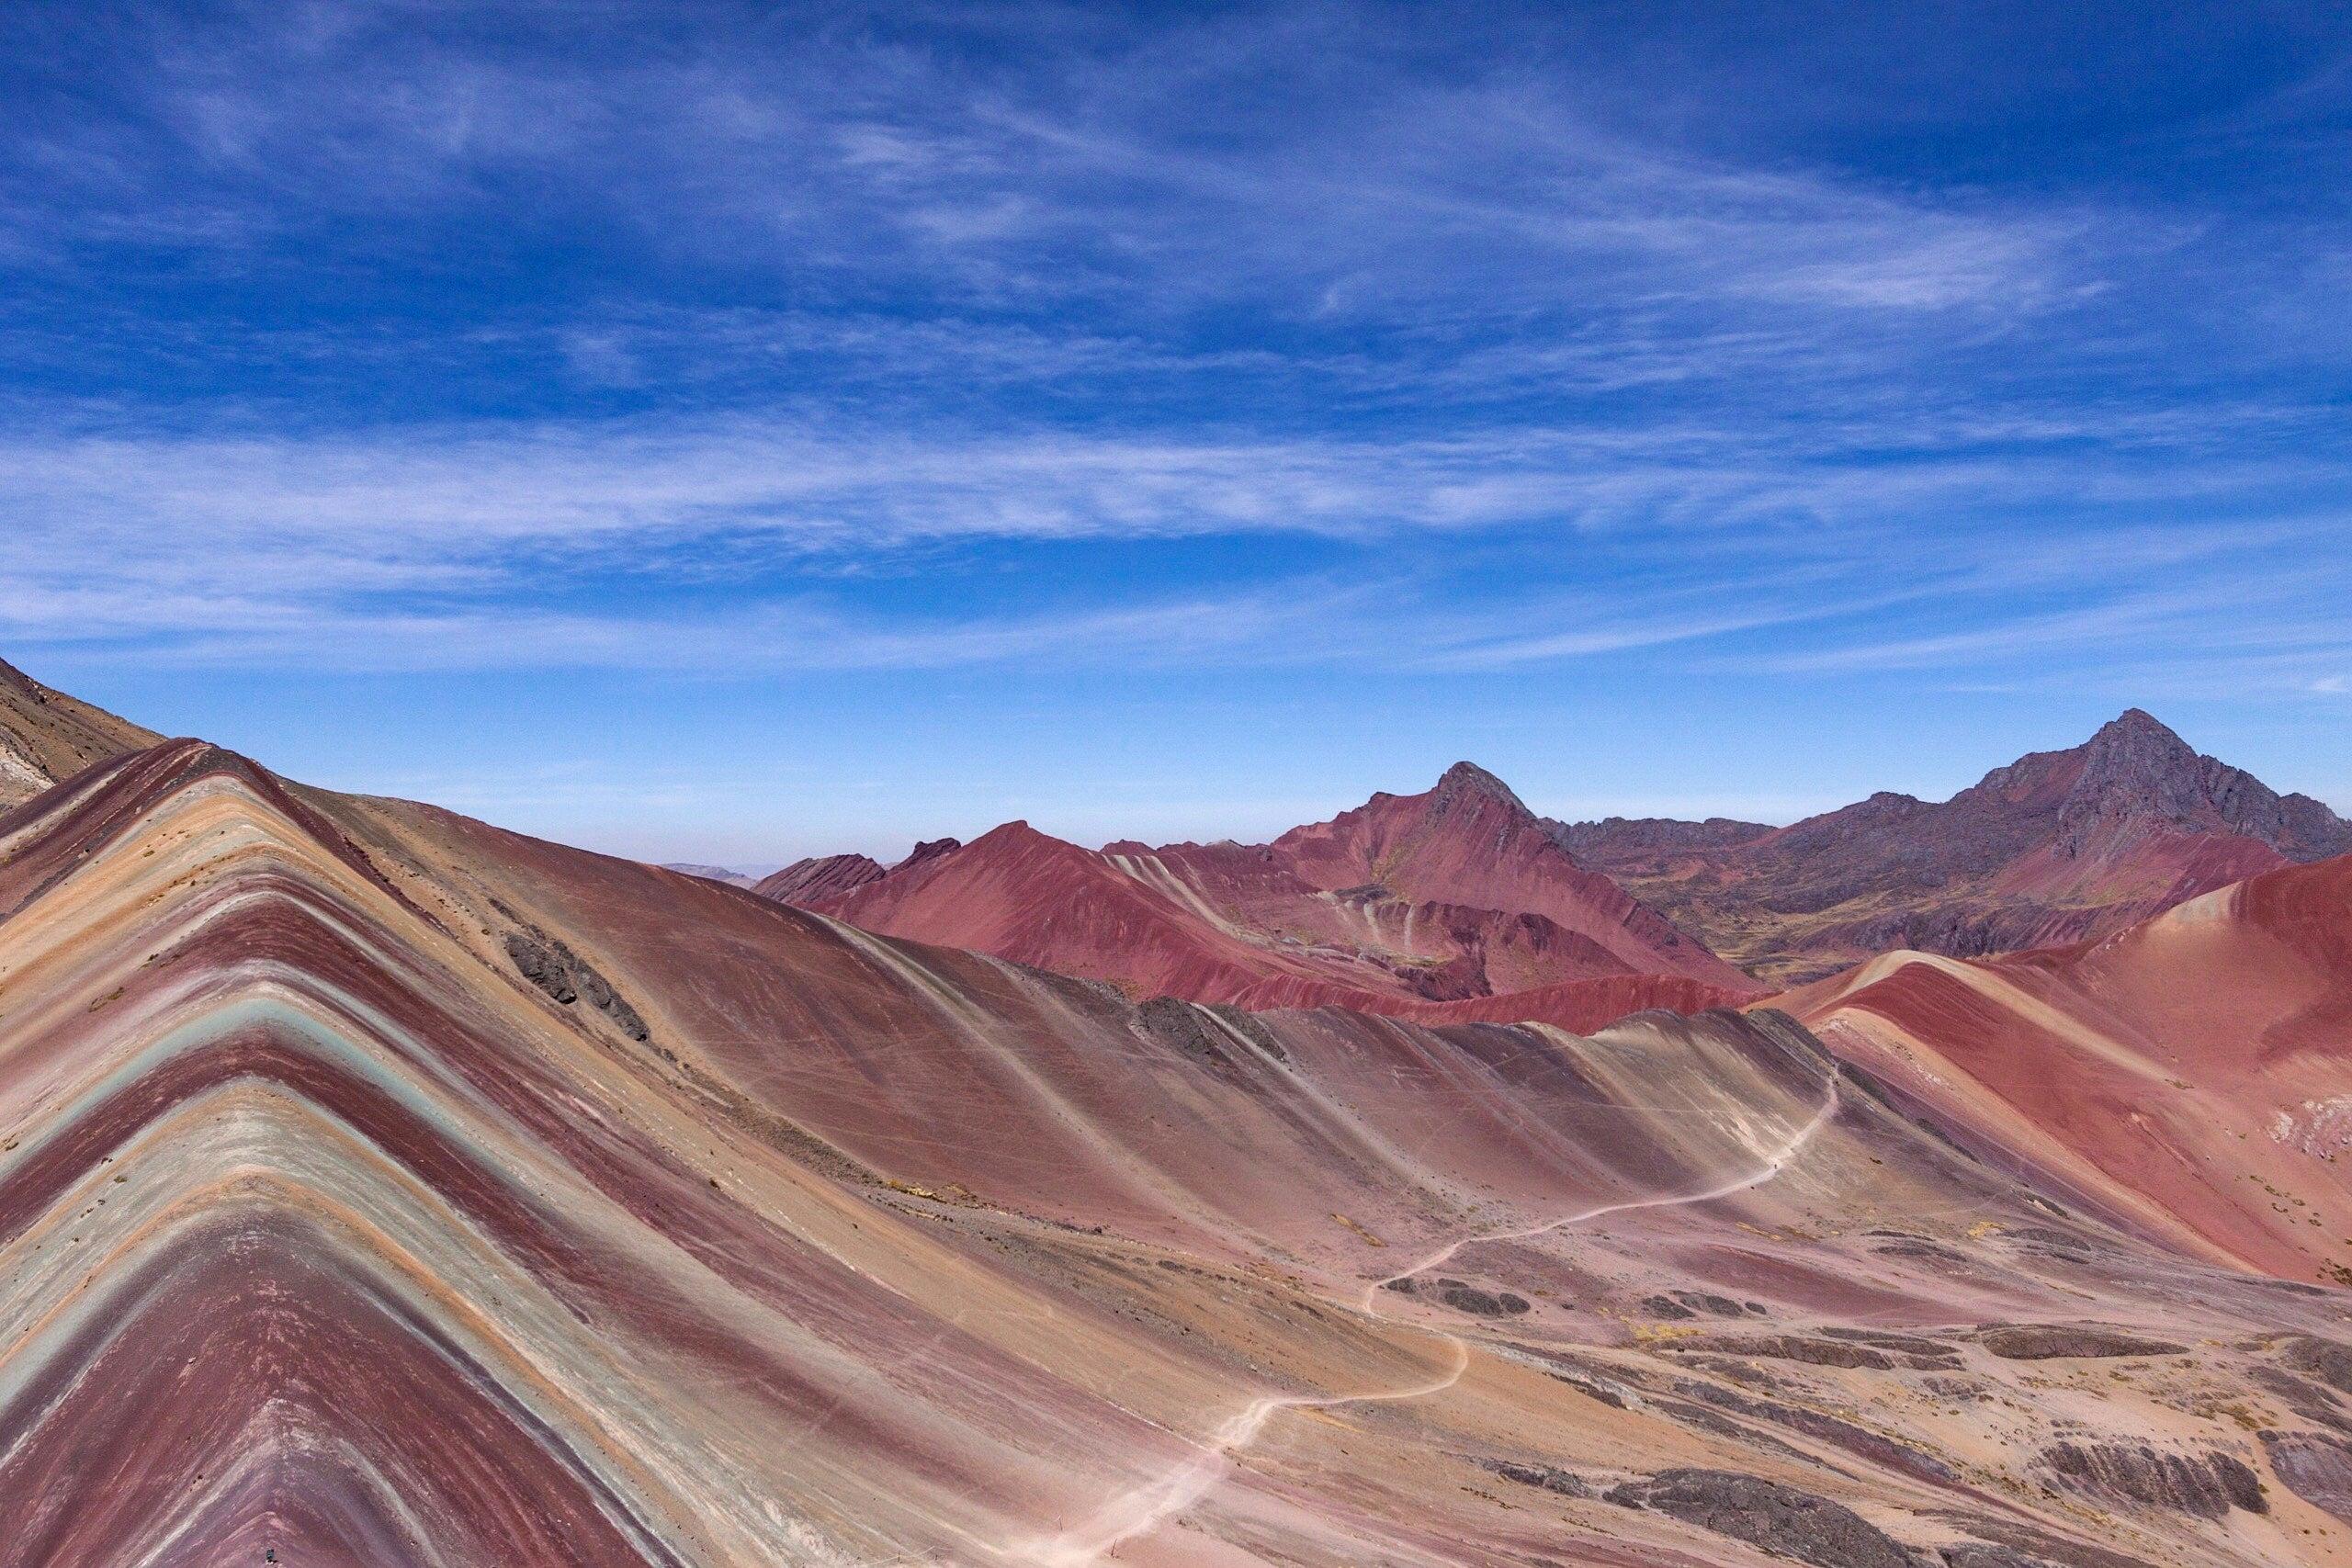 Vinicunca Rainbow Mountain, Peru (Visit Peru)